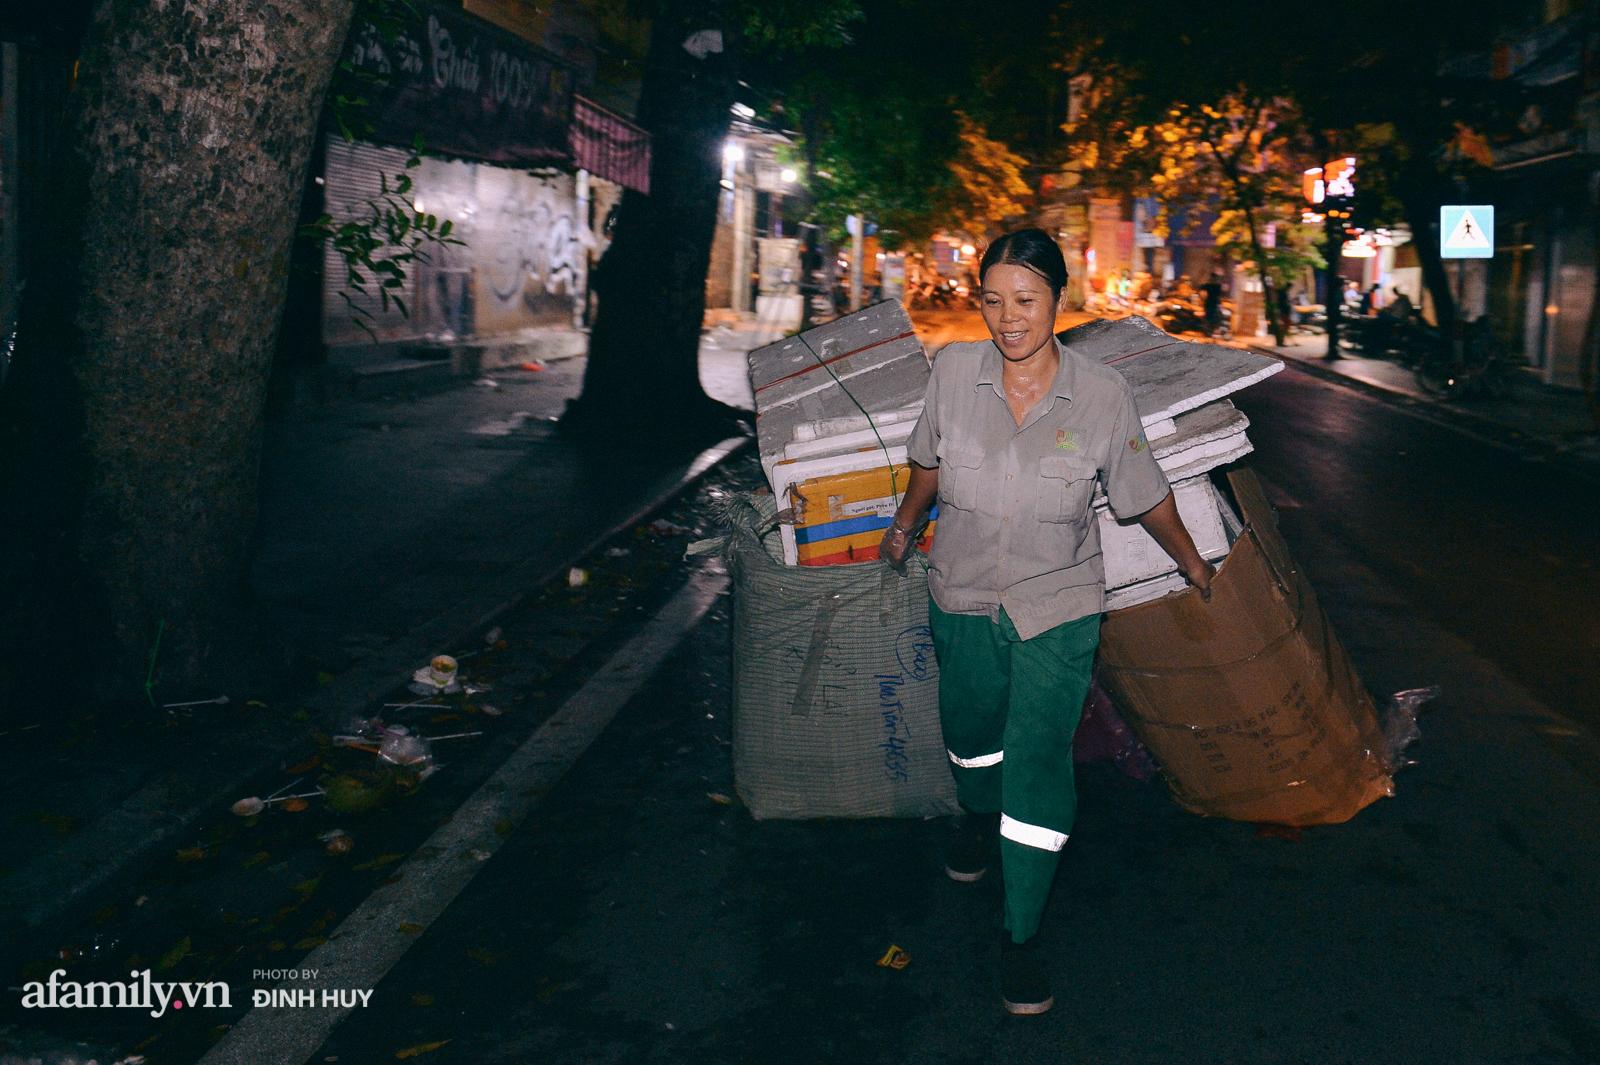 Đêm Trung thu chìm trong rác thải của cô công nhân vệ sinh trên phố cổ - Ảnh 11.